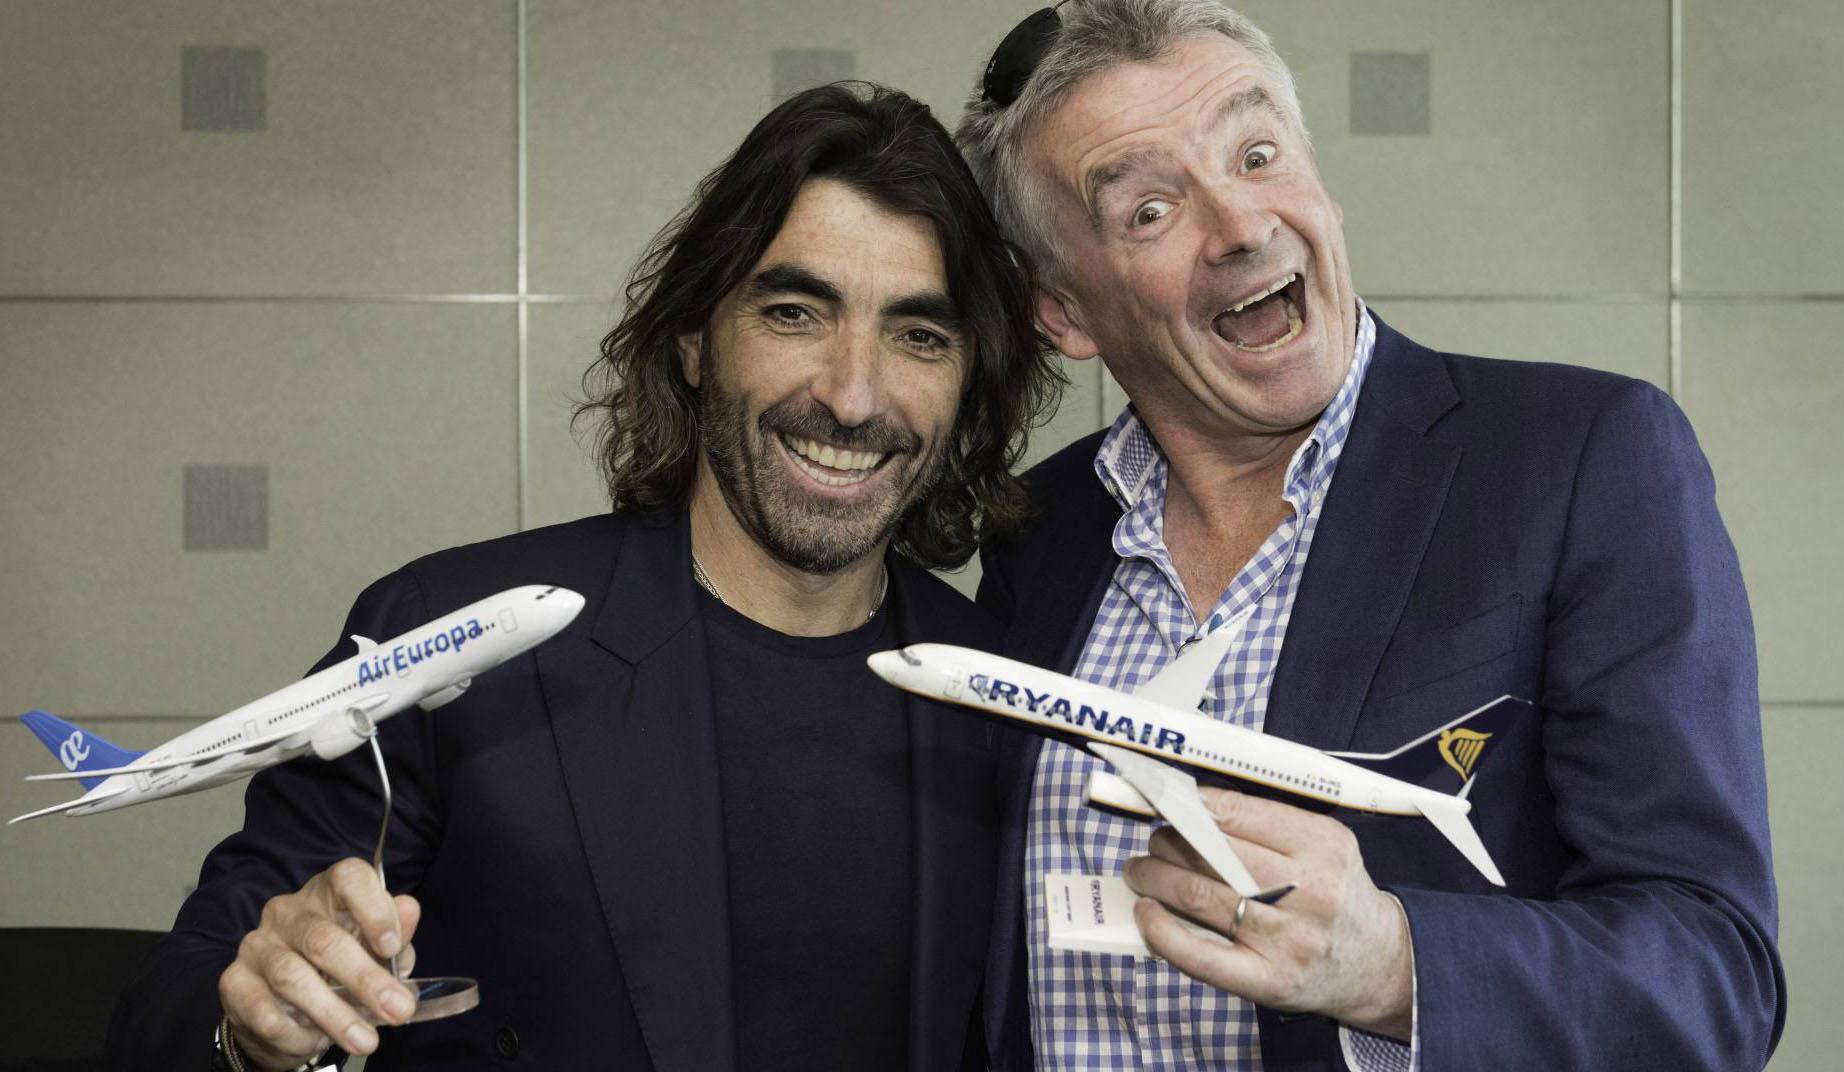 Ryanair y Air Europa crean una alianza para conectar vuelos europeos y de larga distancia